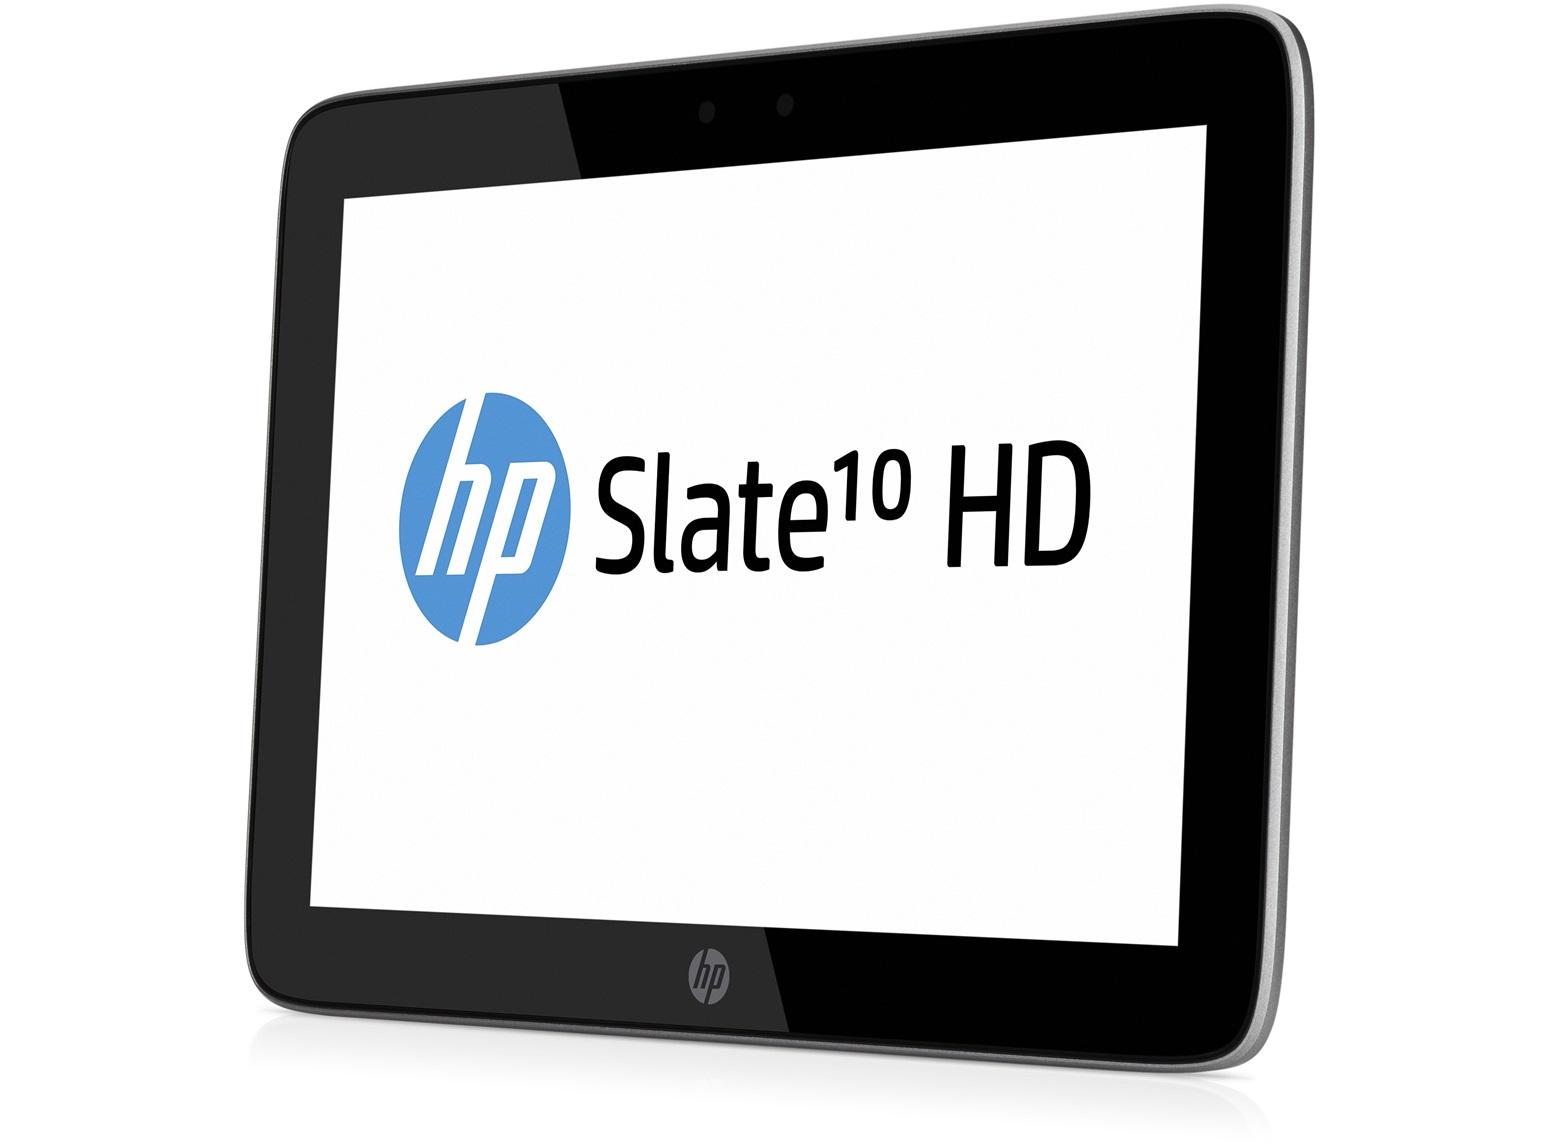 Hp Slate 10 Hd 3603eg Notebookcheck Net External Reviews